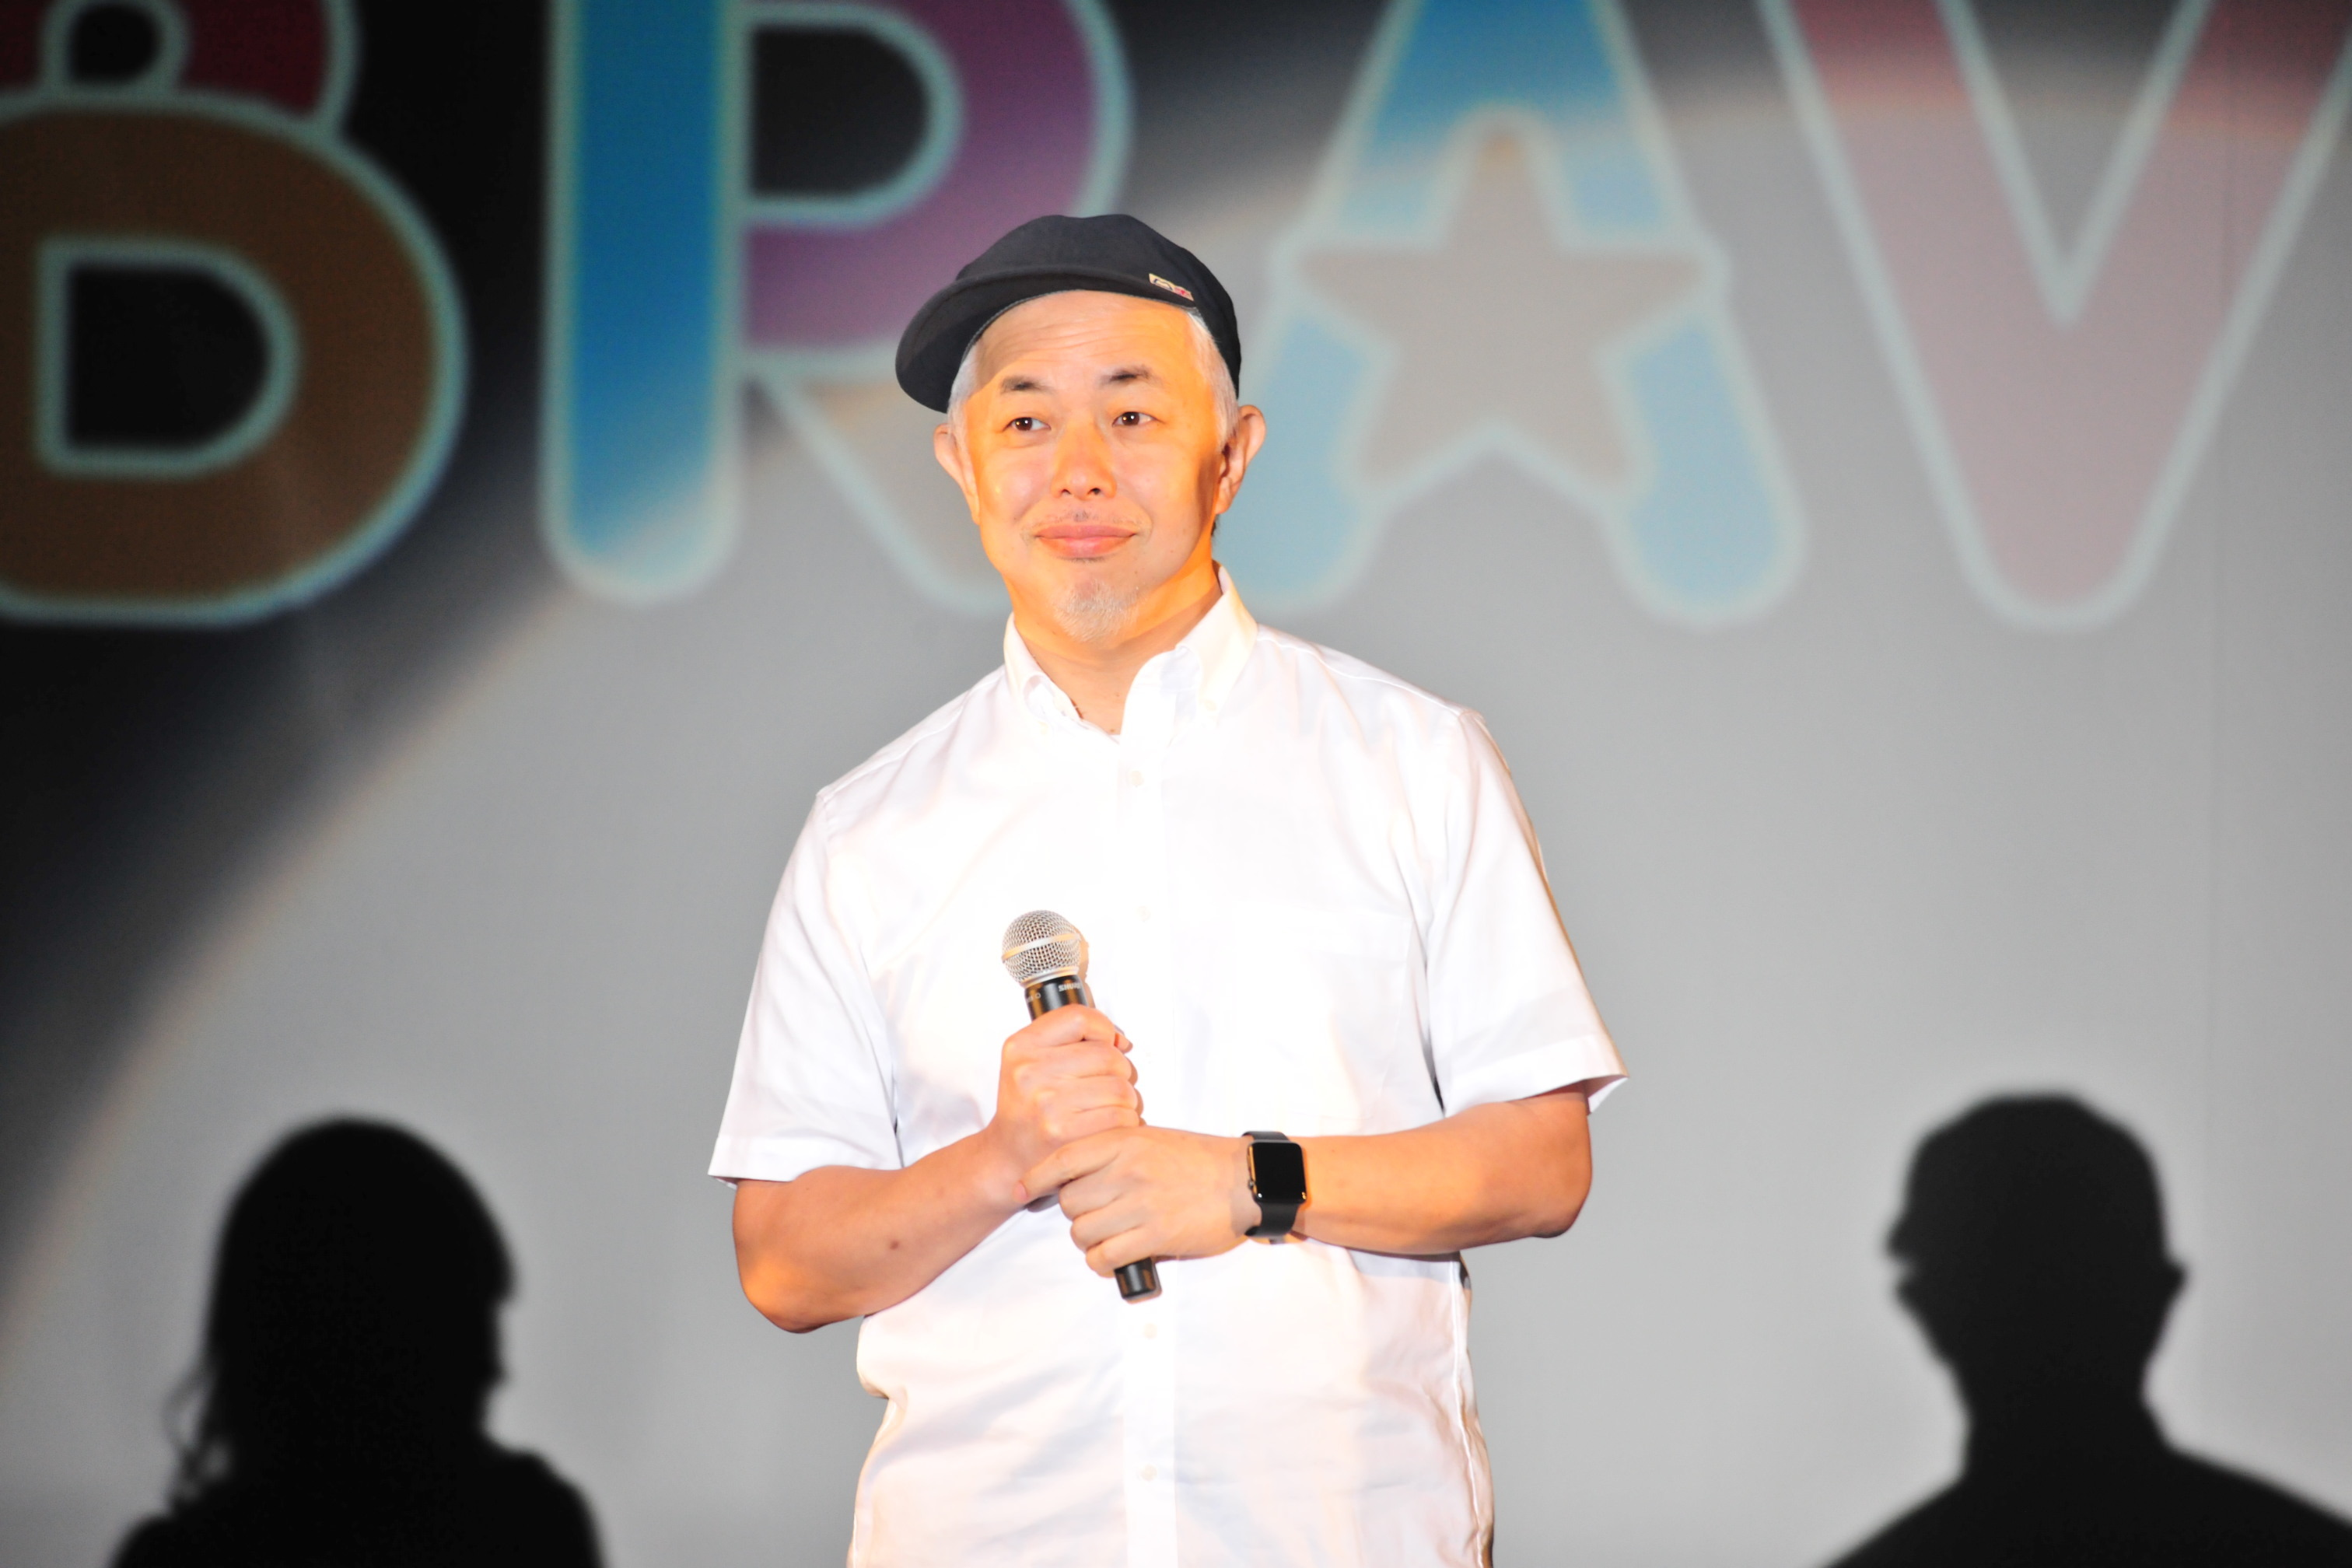 http://news.yoshimoto.co.jp/photos/uncategorized/2015/06/30/20150630182800-1f1fde64c8eaa33c13cc38a3811a1041262bdfde.jpg